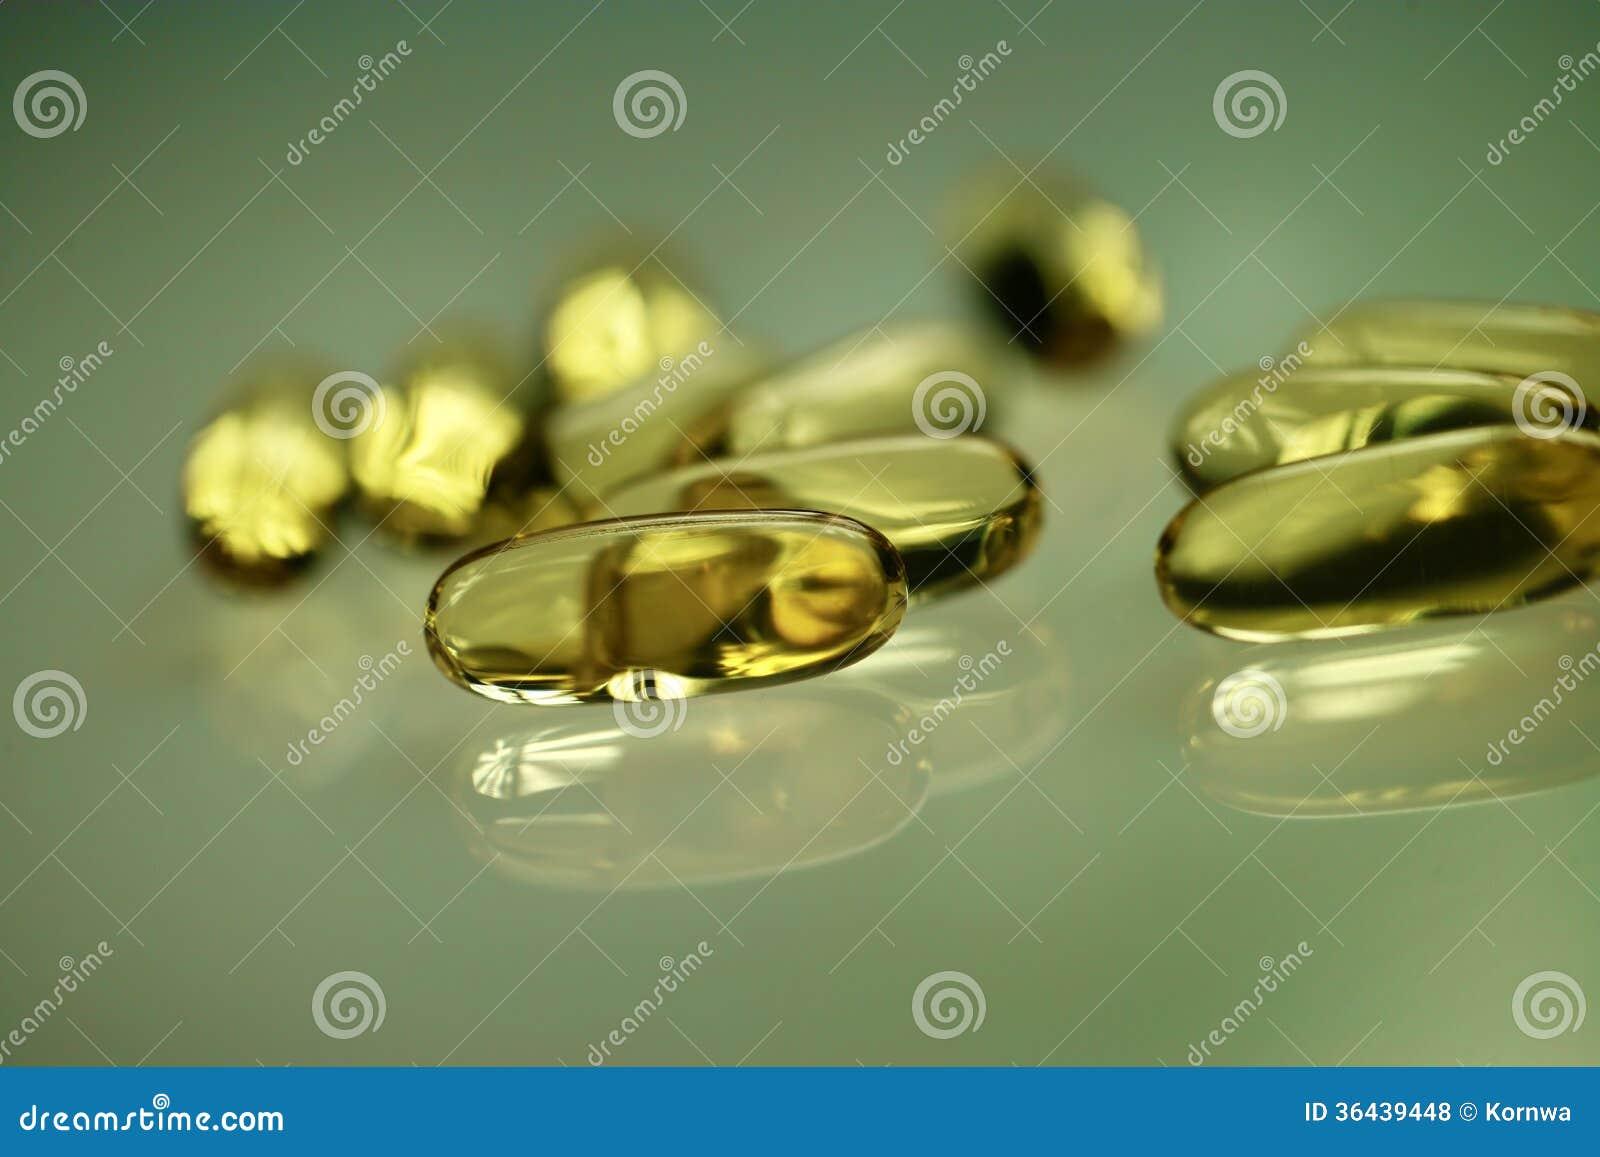 Φάρμακα ή βιταμίνες